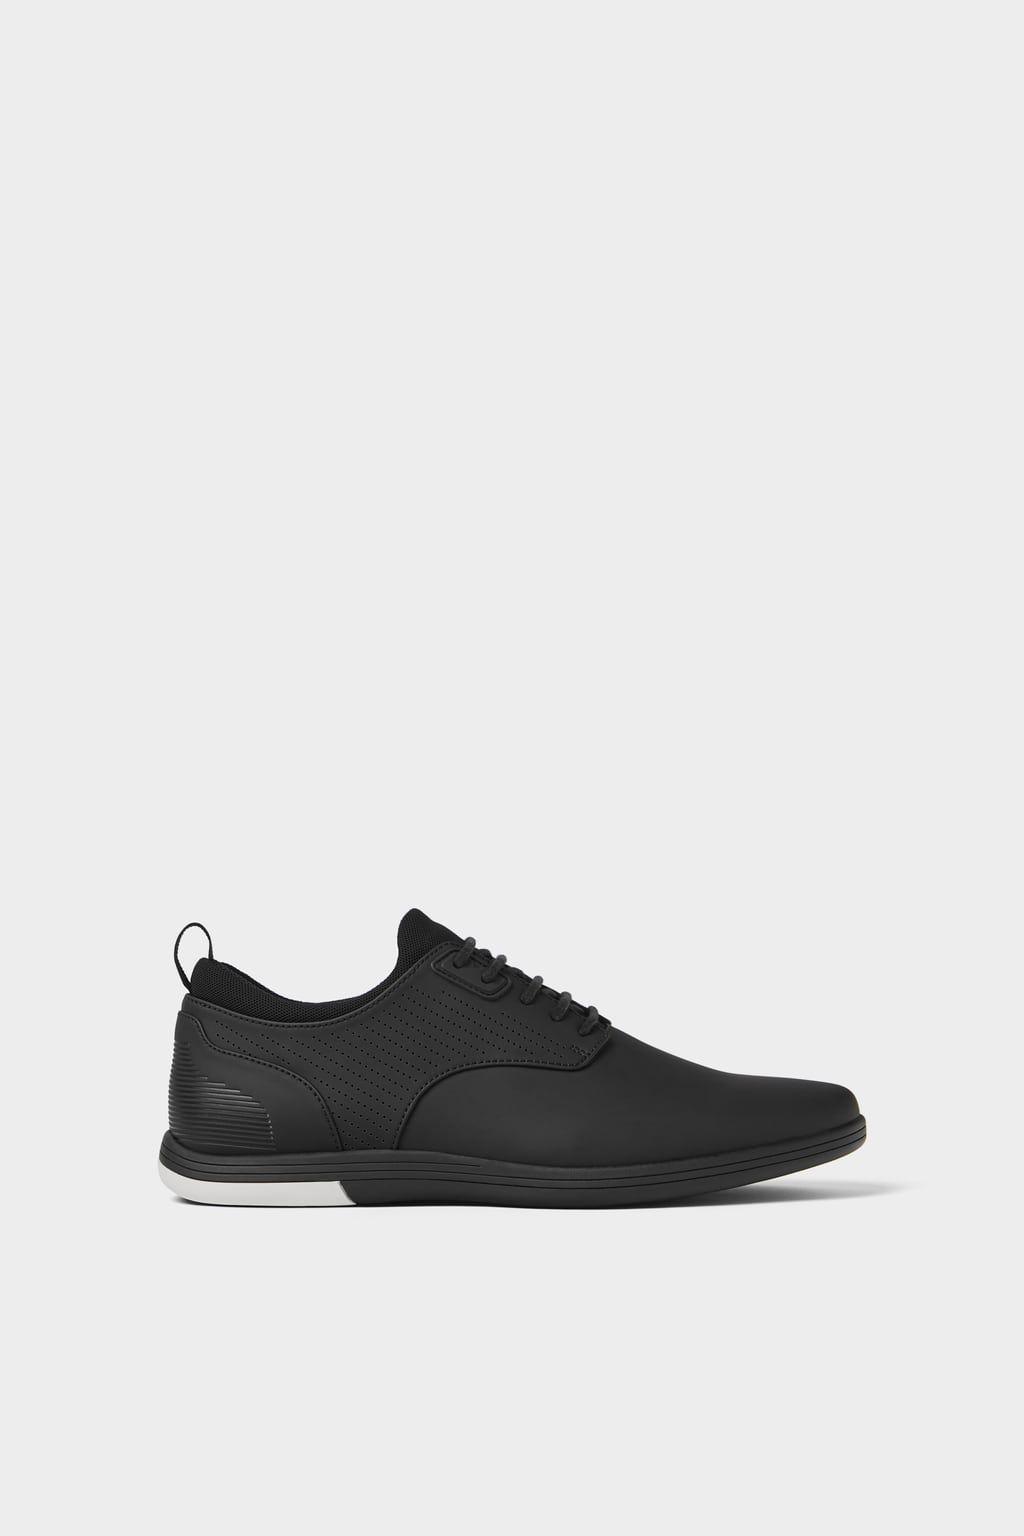 2019Shoes En Zapato Sport Microperforado ZapatosZapatos sQrdthCx